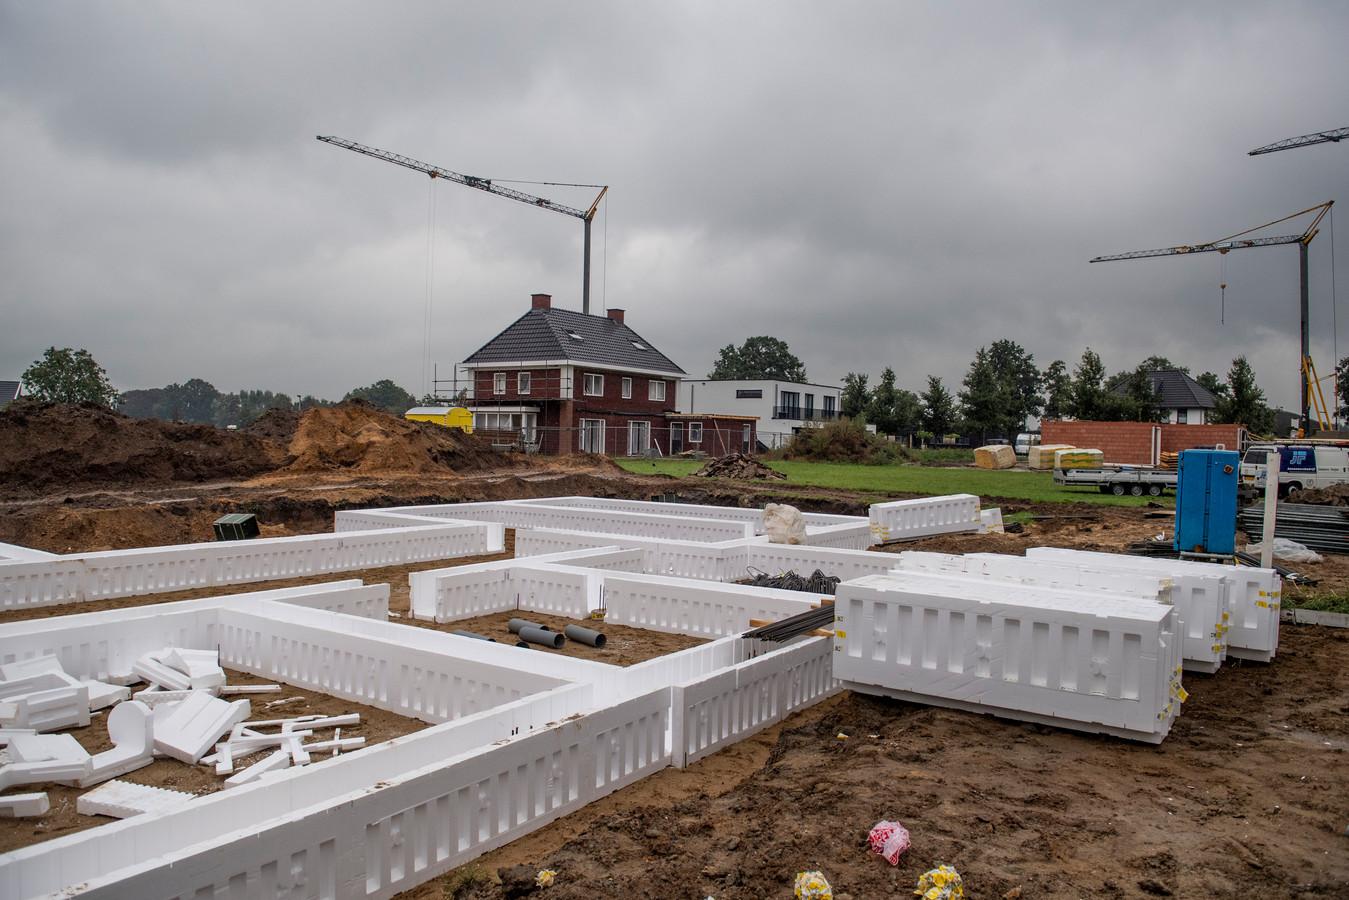 De bouw van luxe woningen, elders in Nederland